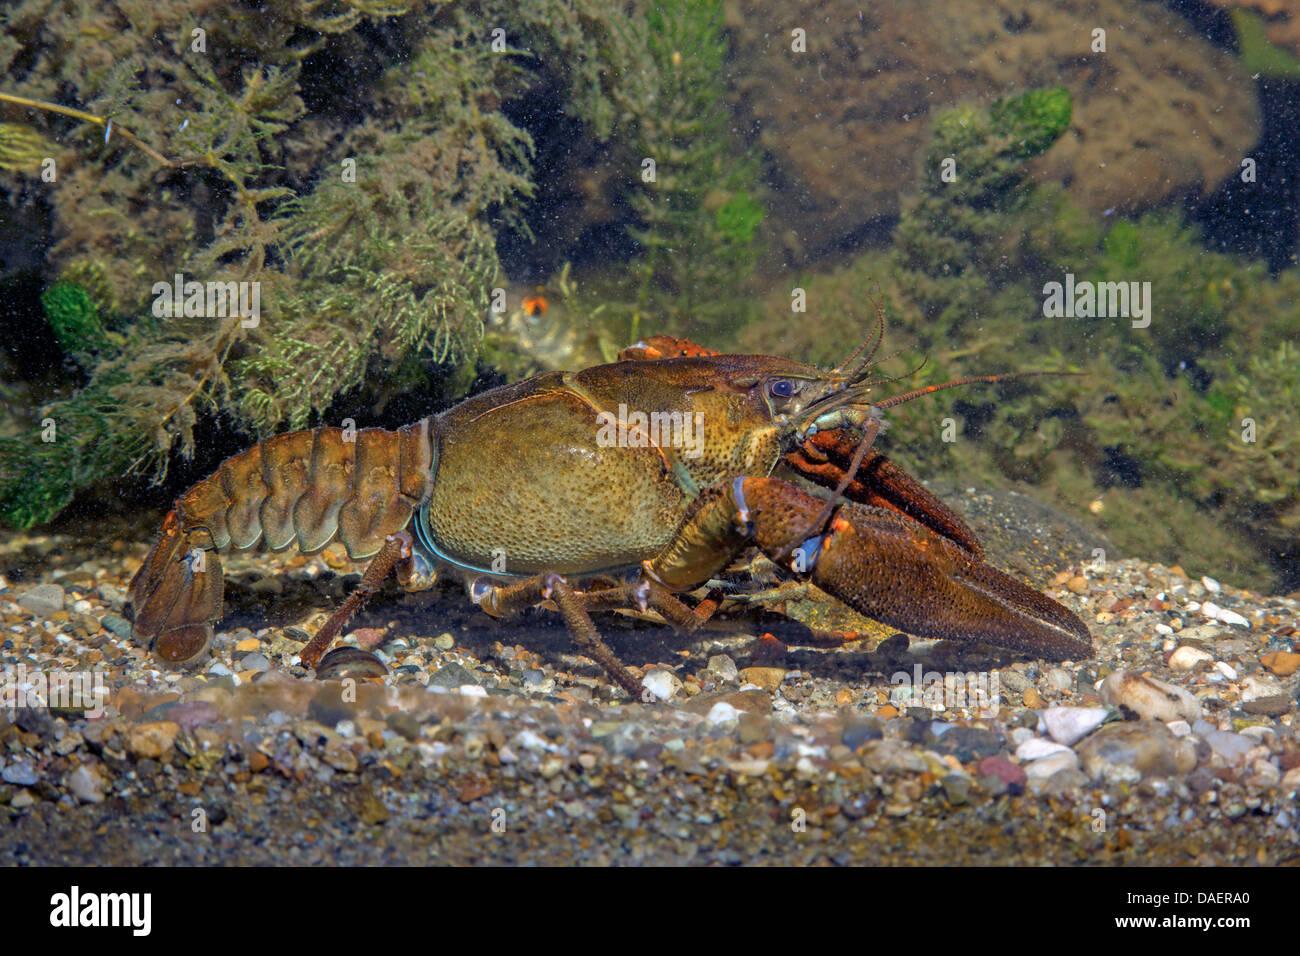 noble crayfish (Astacus astacus), male, Germany - Stock Image